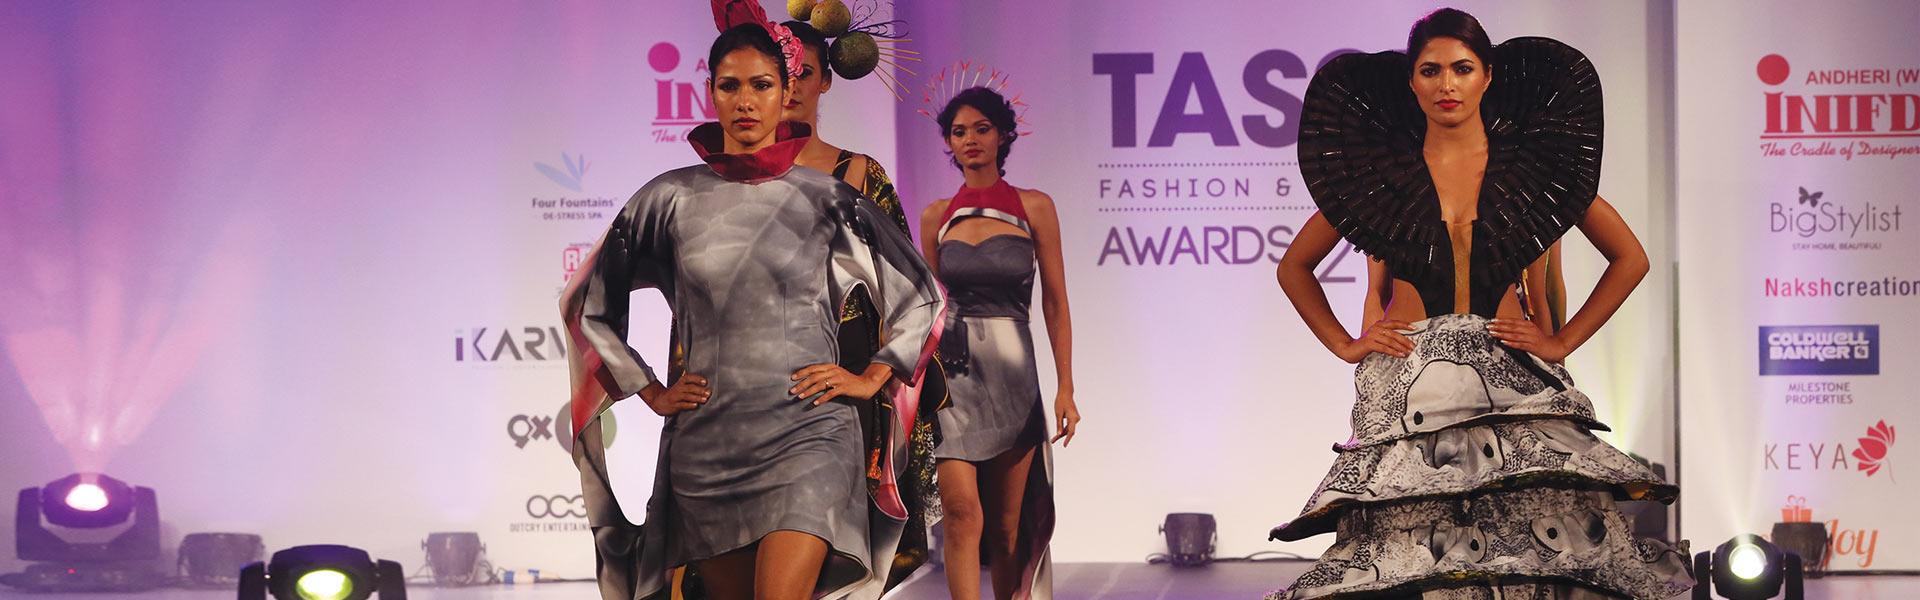 Top Best Leading Fashion Design Institute In Mumbai India